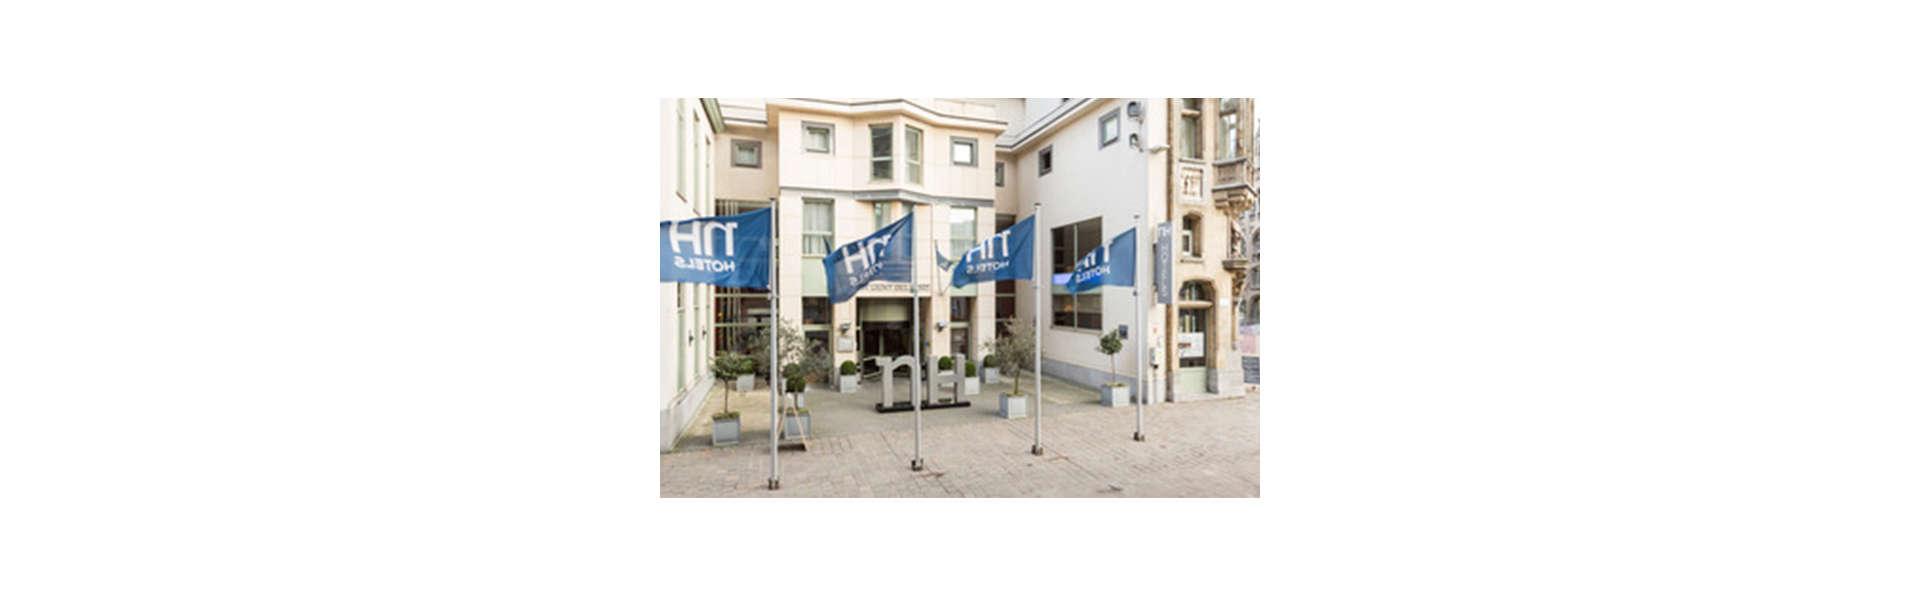 NH Gent Belfort - EDIT_FRONT_01.jpg